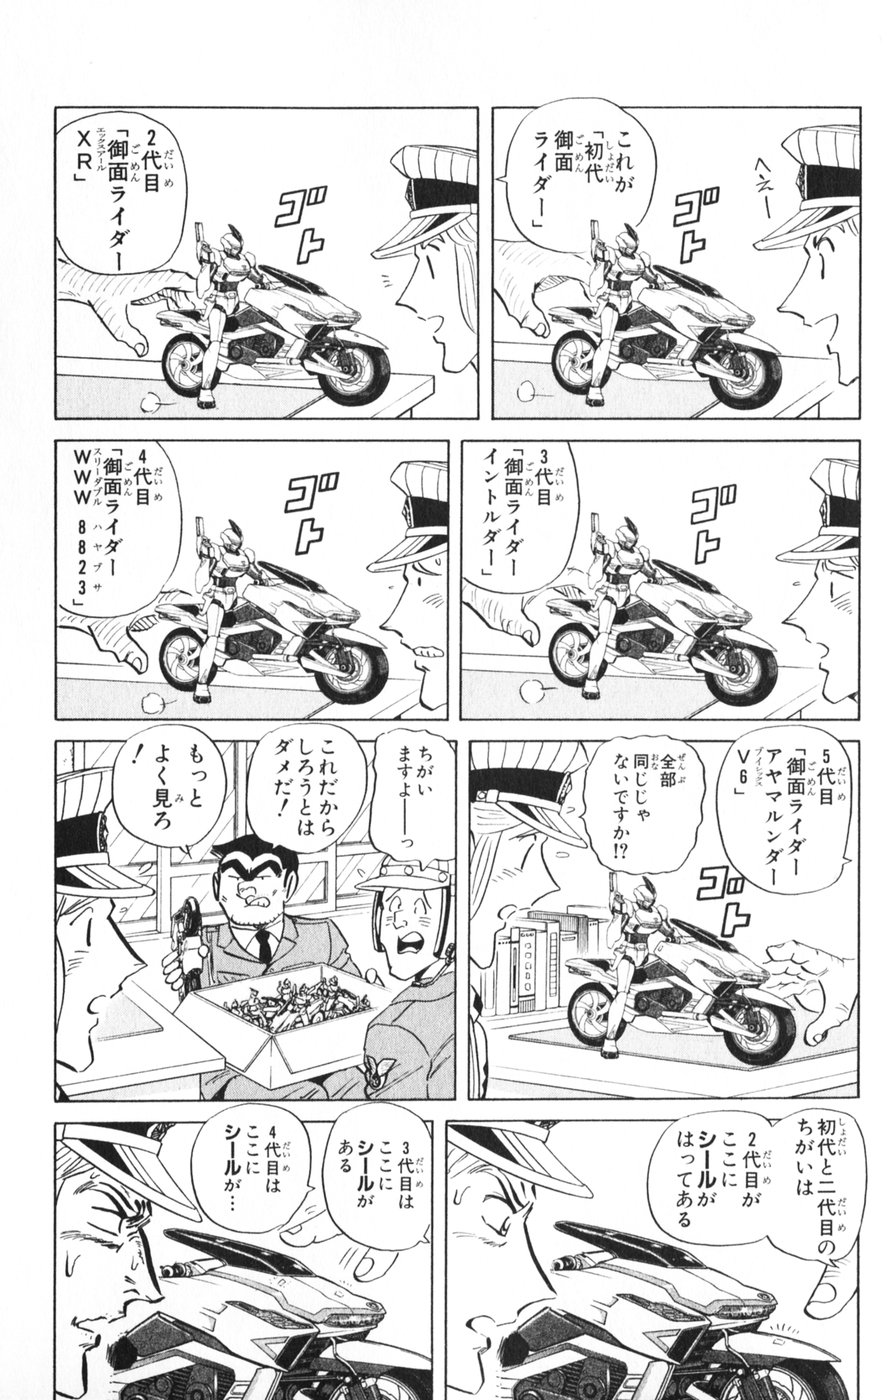 元ネタ(両津 こち亀)全部同じじゃないですかクソコラグランプリ